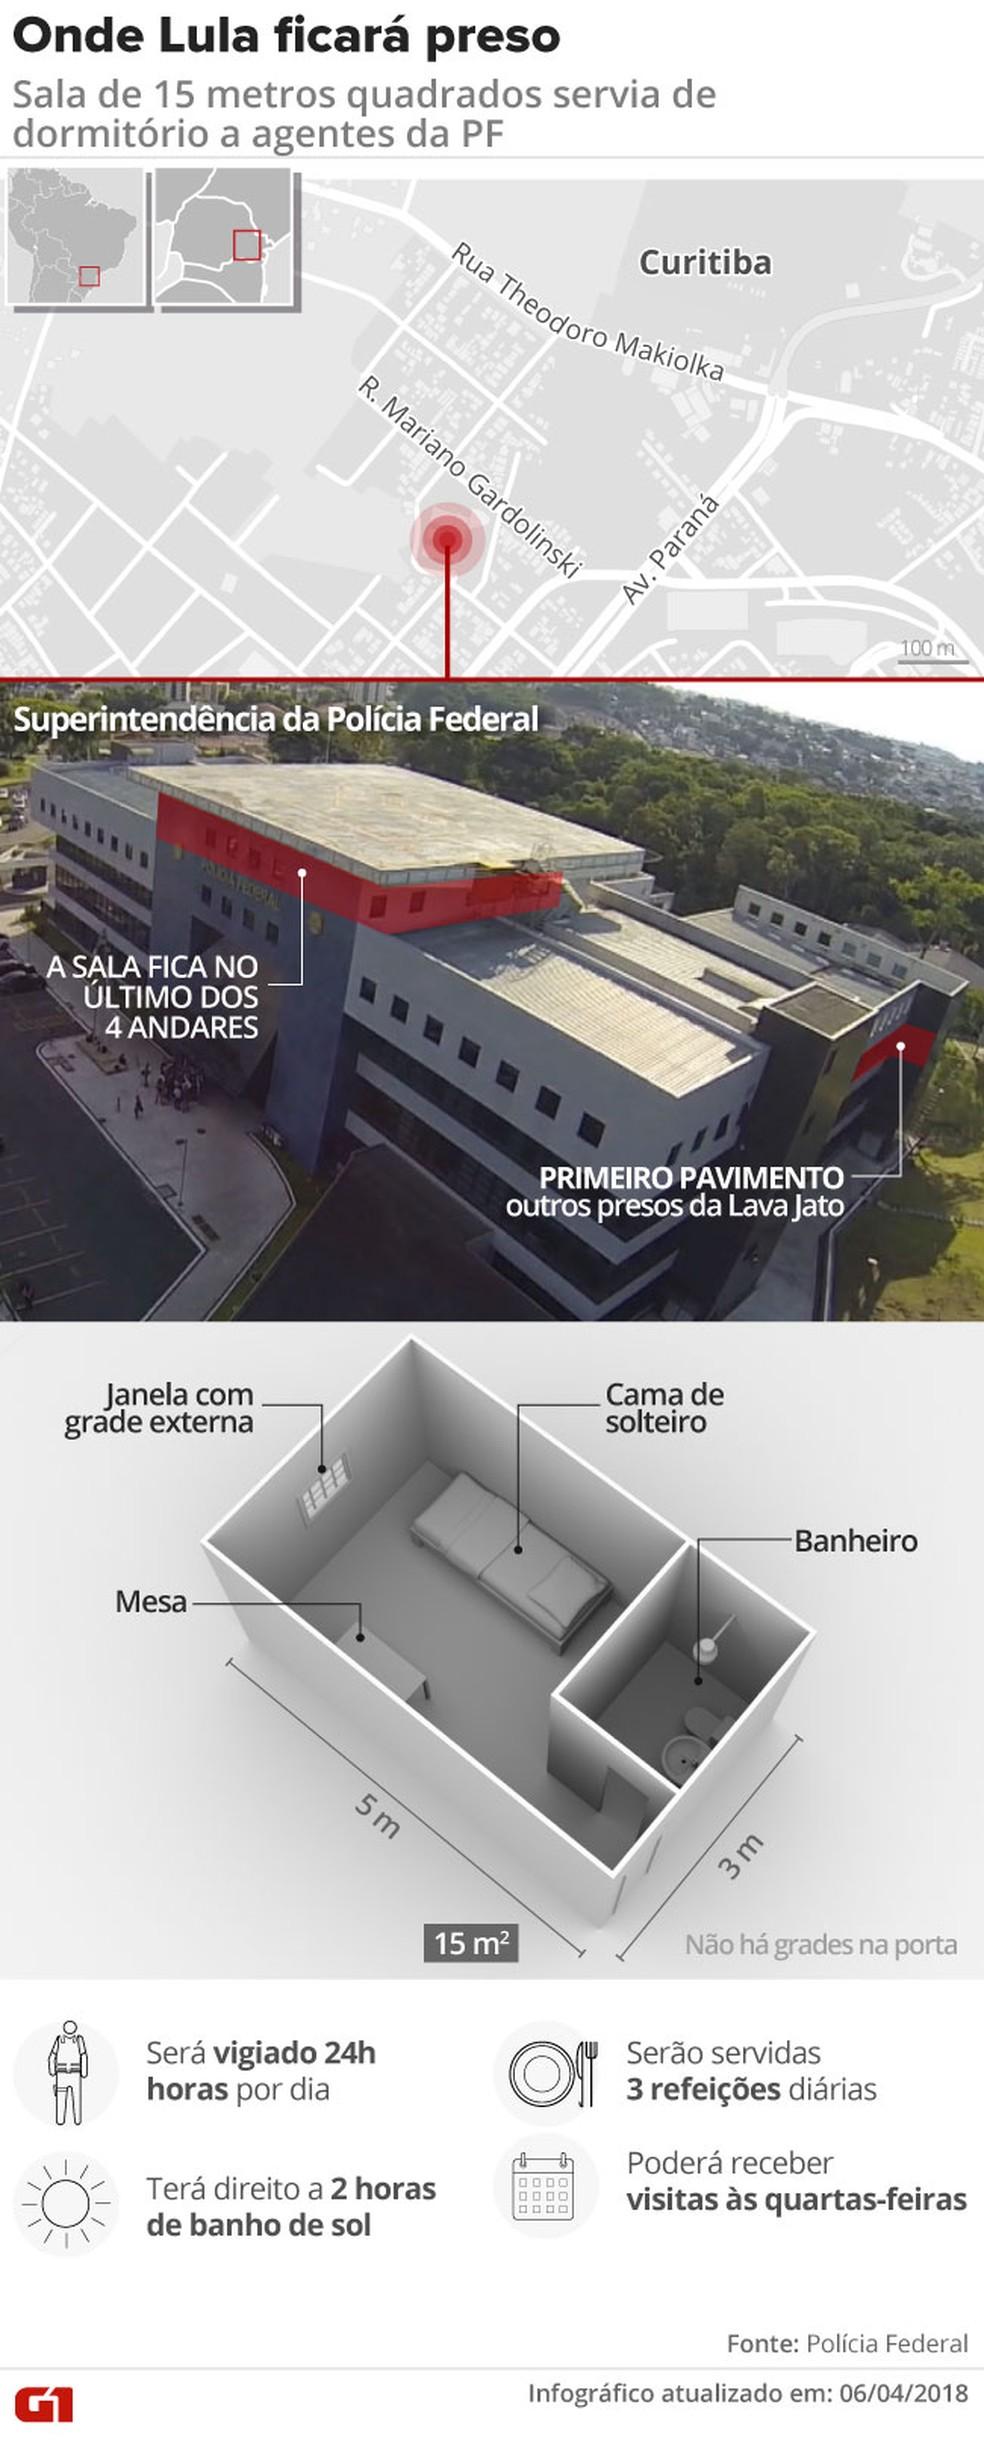 Sala especial de Lula na PF, em Curitiba (Foto: Infográfico: Alexandre Mauro, Diogo Dubiella, Igor Estrella, Karina Almeida / G1)